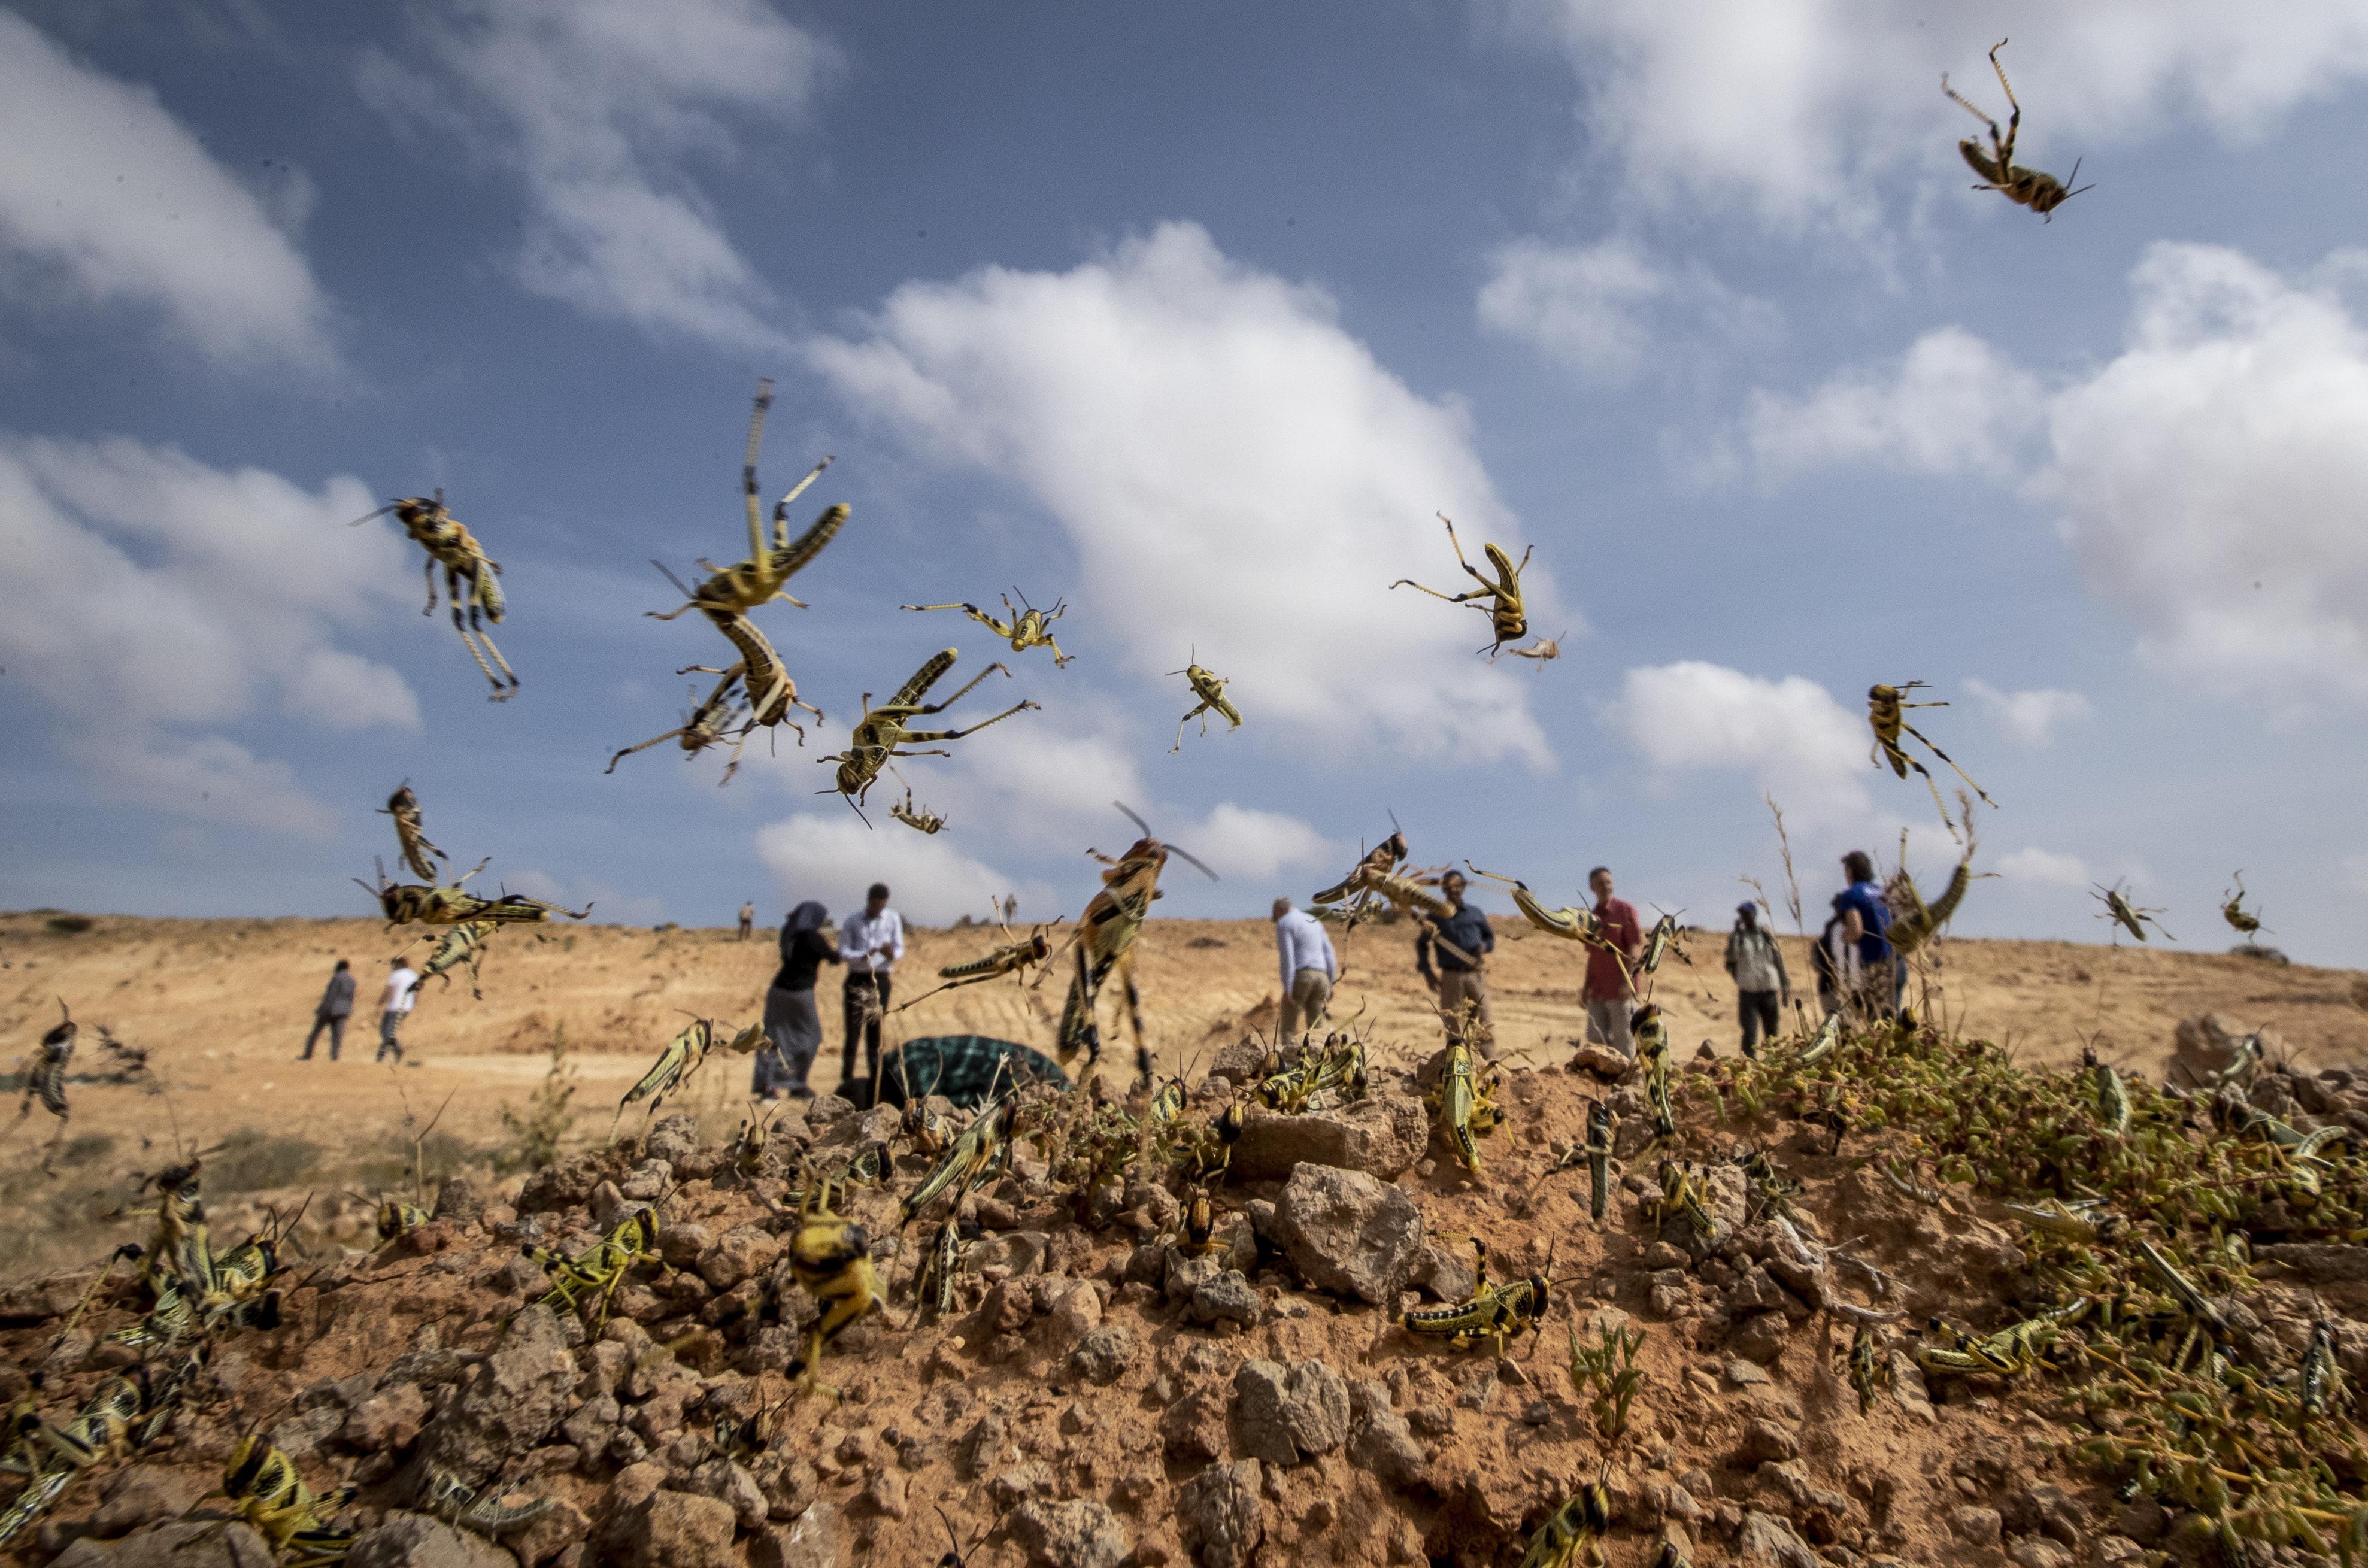 Como una página fuera de la Biblia: Enjambres de langostas 'tan grandes como las grandes ciudades' asaltan África, amenazando a millones de vidas - locust africa ap 20040290012829